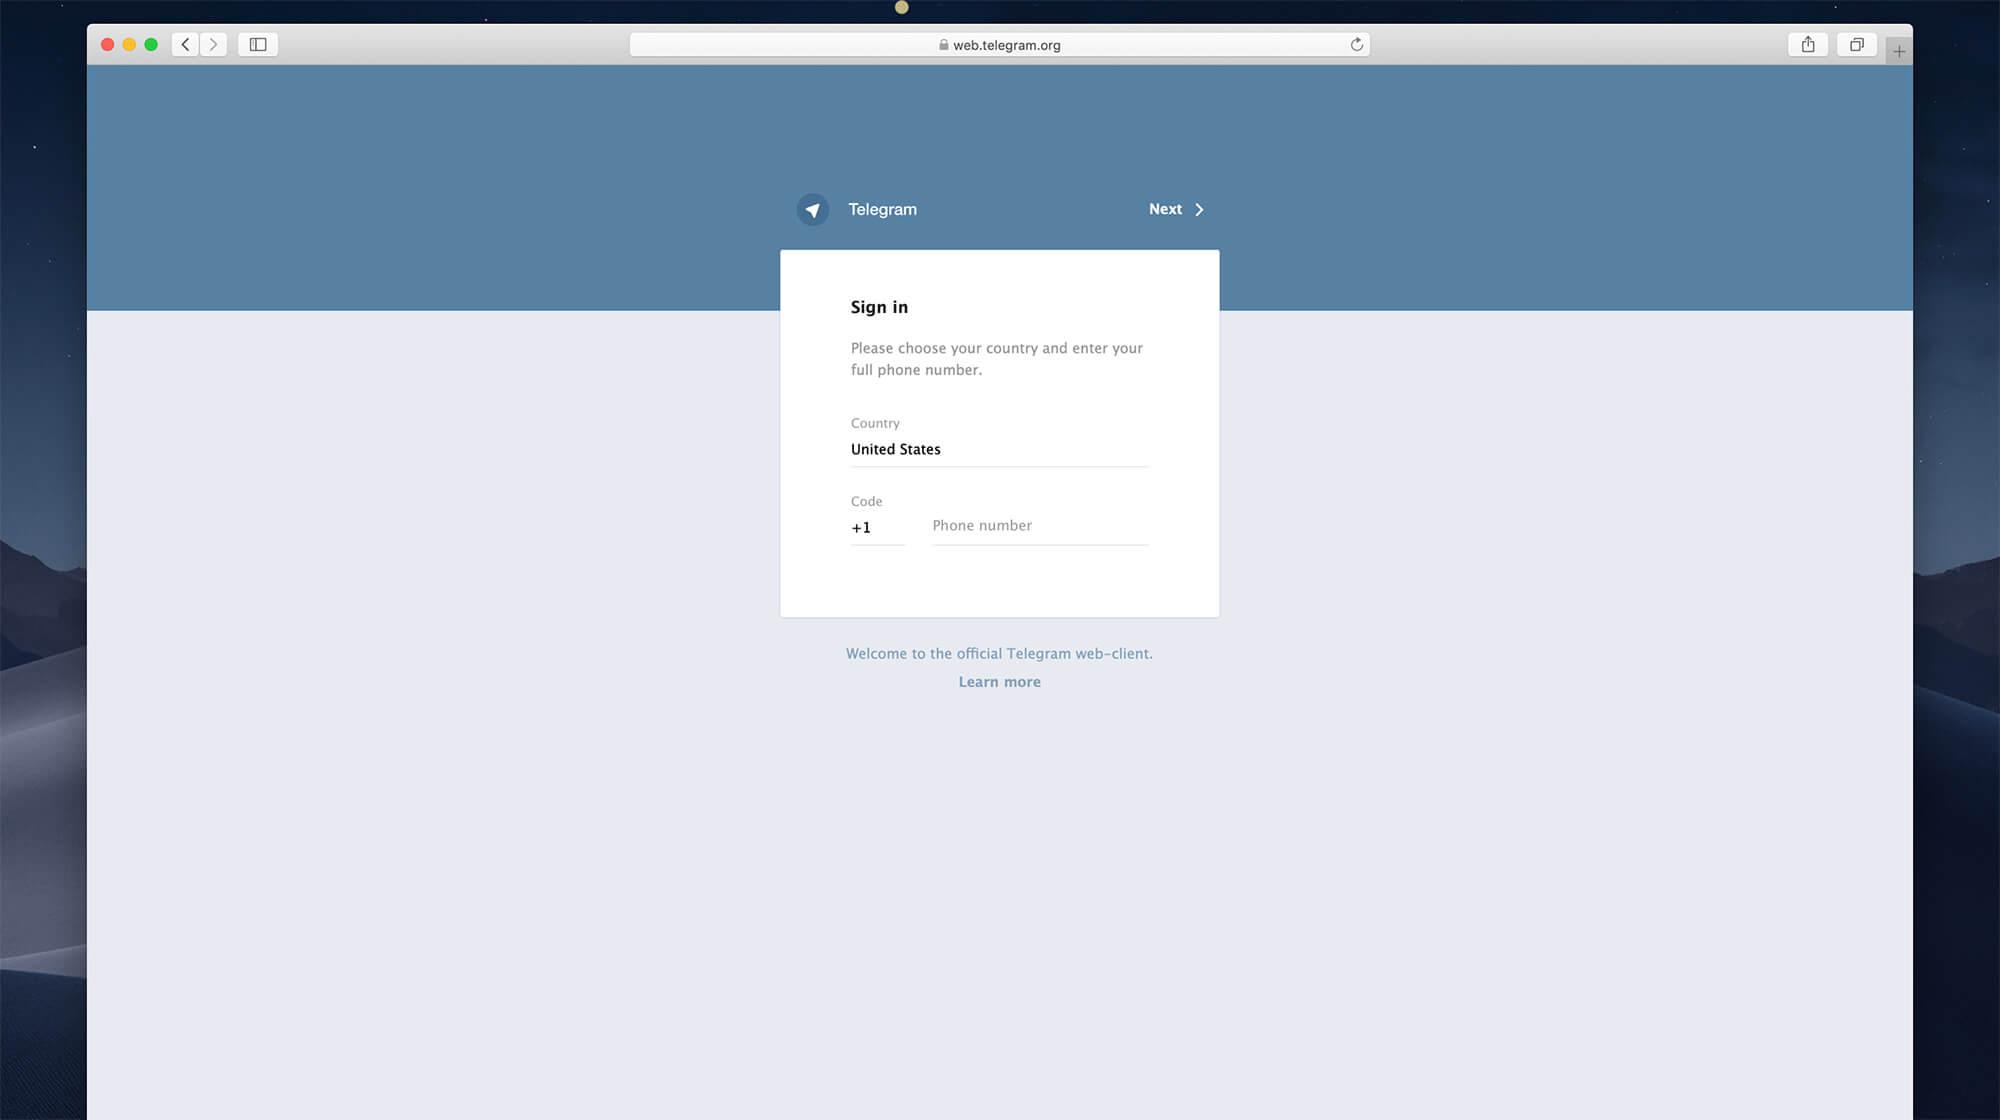 Login menggunakan nomor HP yang telah didaftarkan di Telegram. Pada langkah ini, pastikan setting lokasi yang dipilih adalah Indonesia